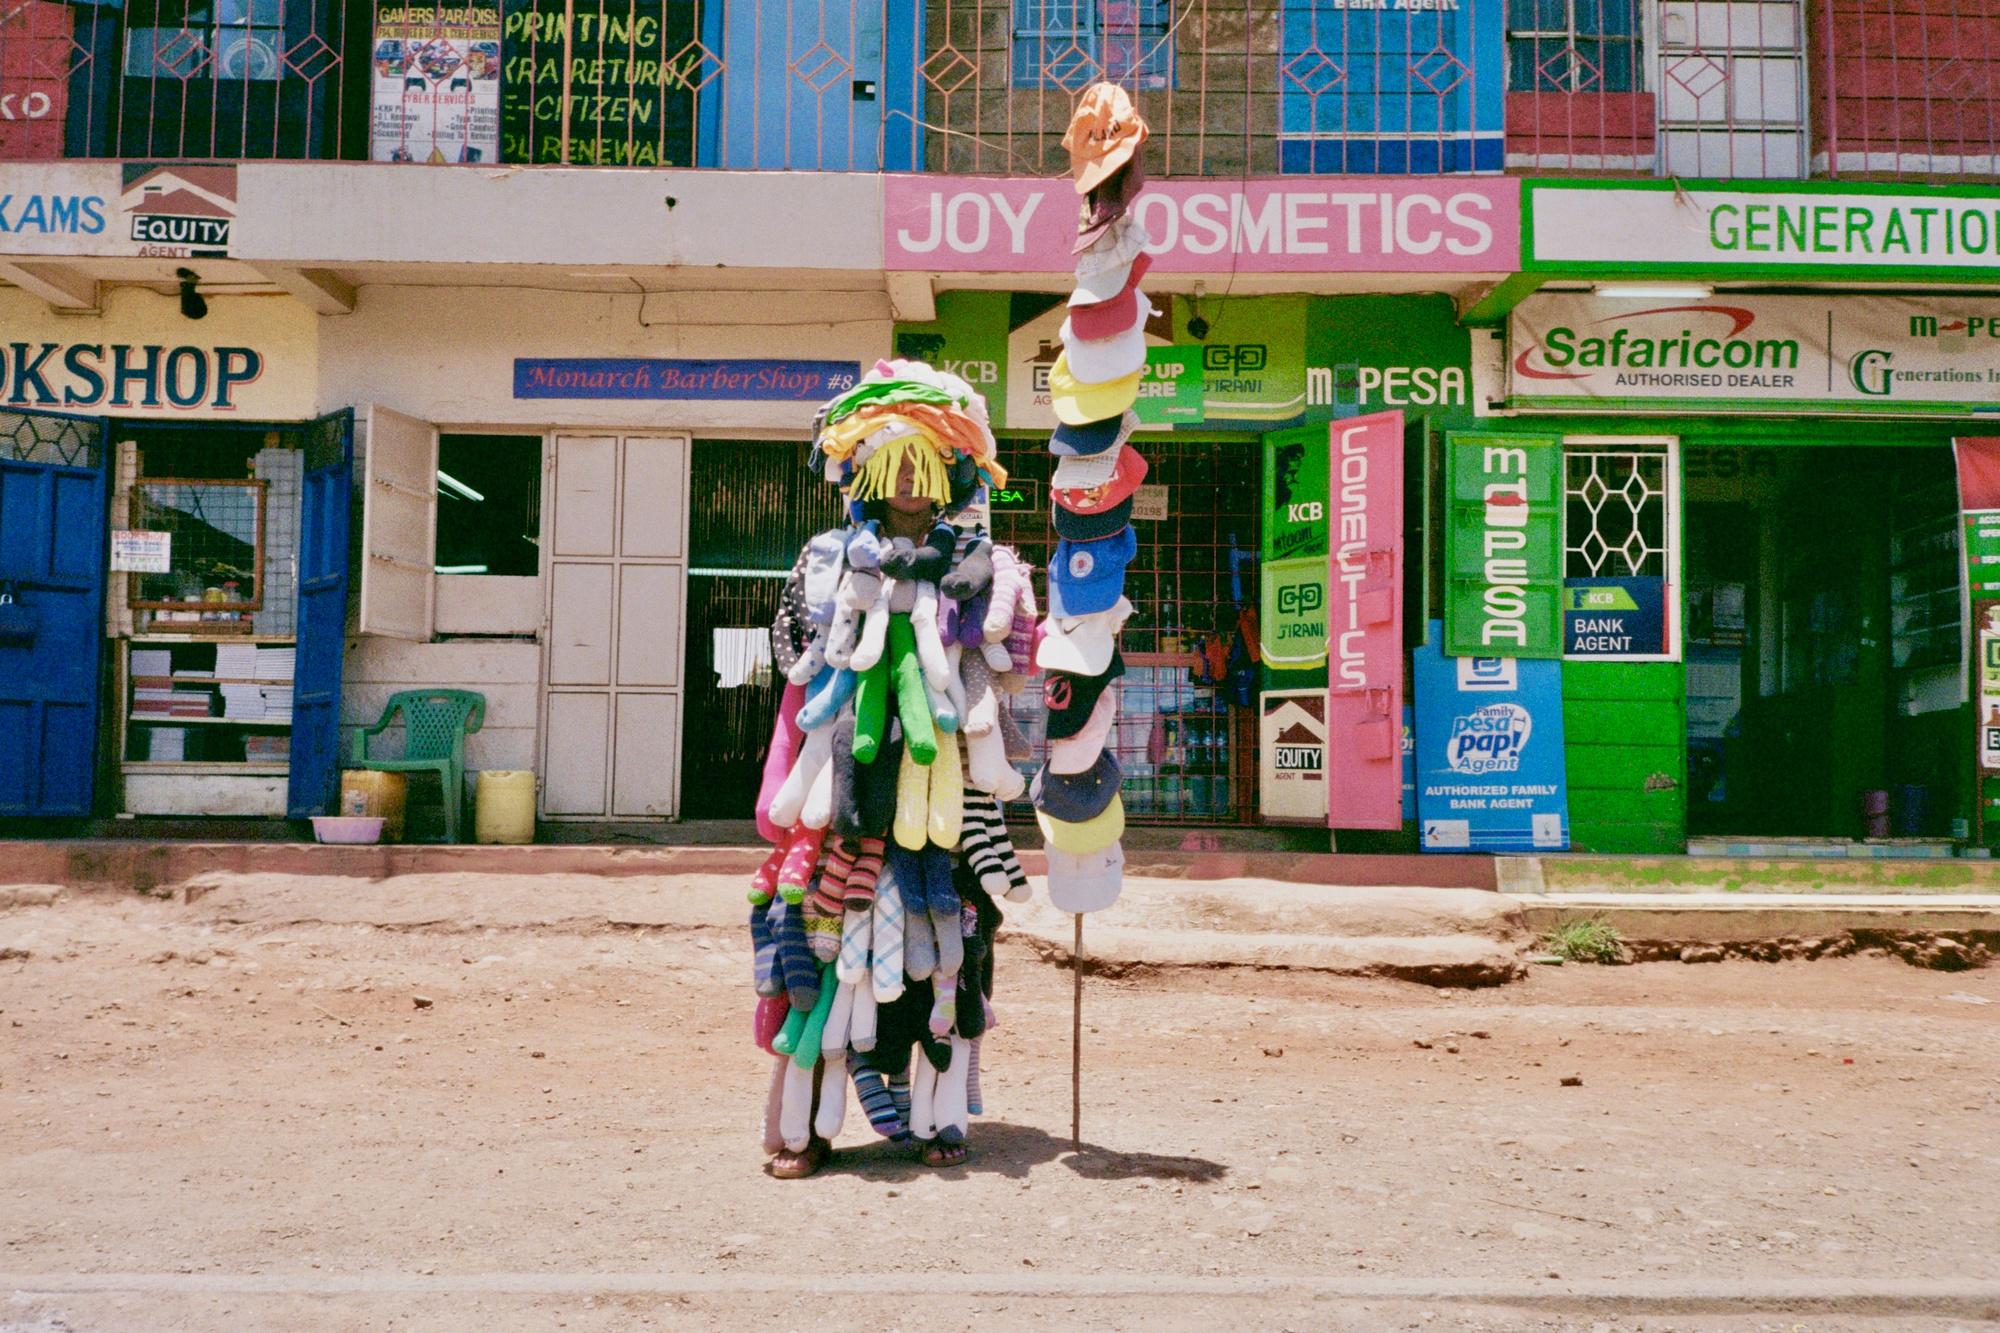 Lisa Konno & Teddy Cherim reisden naar Kenia om te achterhalen wat er gebeurt met kledingstukken die in kledingcontainers worden gegooid., RV